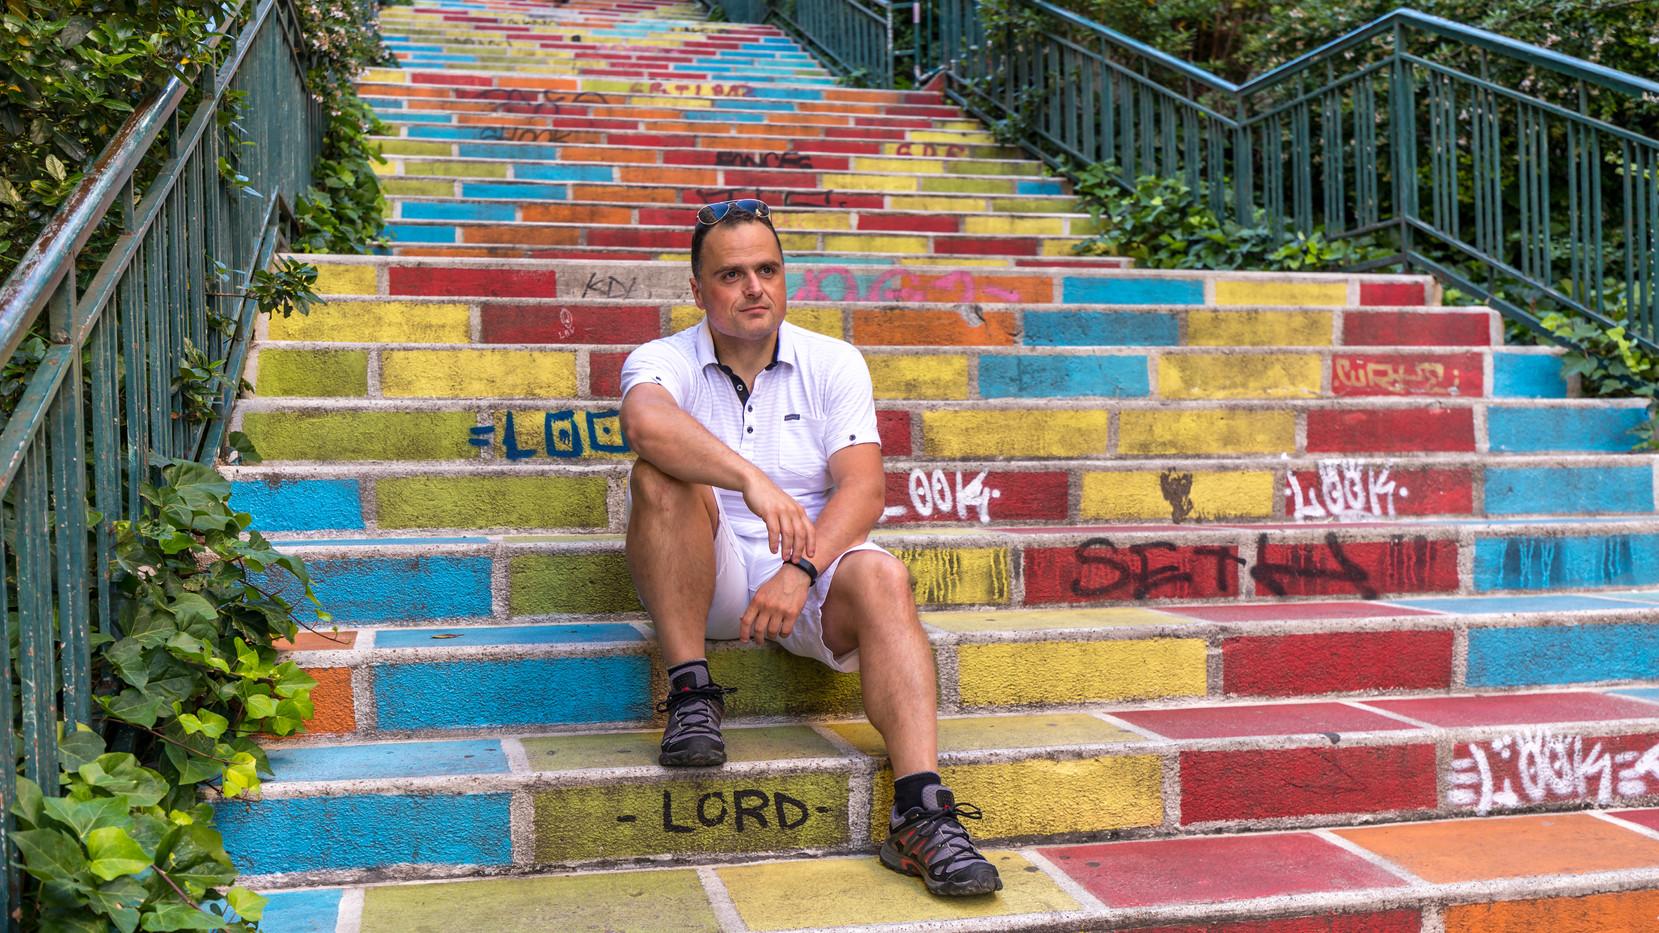 Auto-Portrait sur les éscaliers colorés de la Croix-Rousse